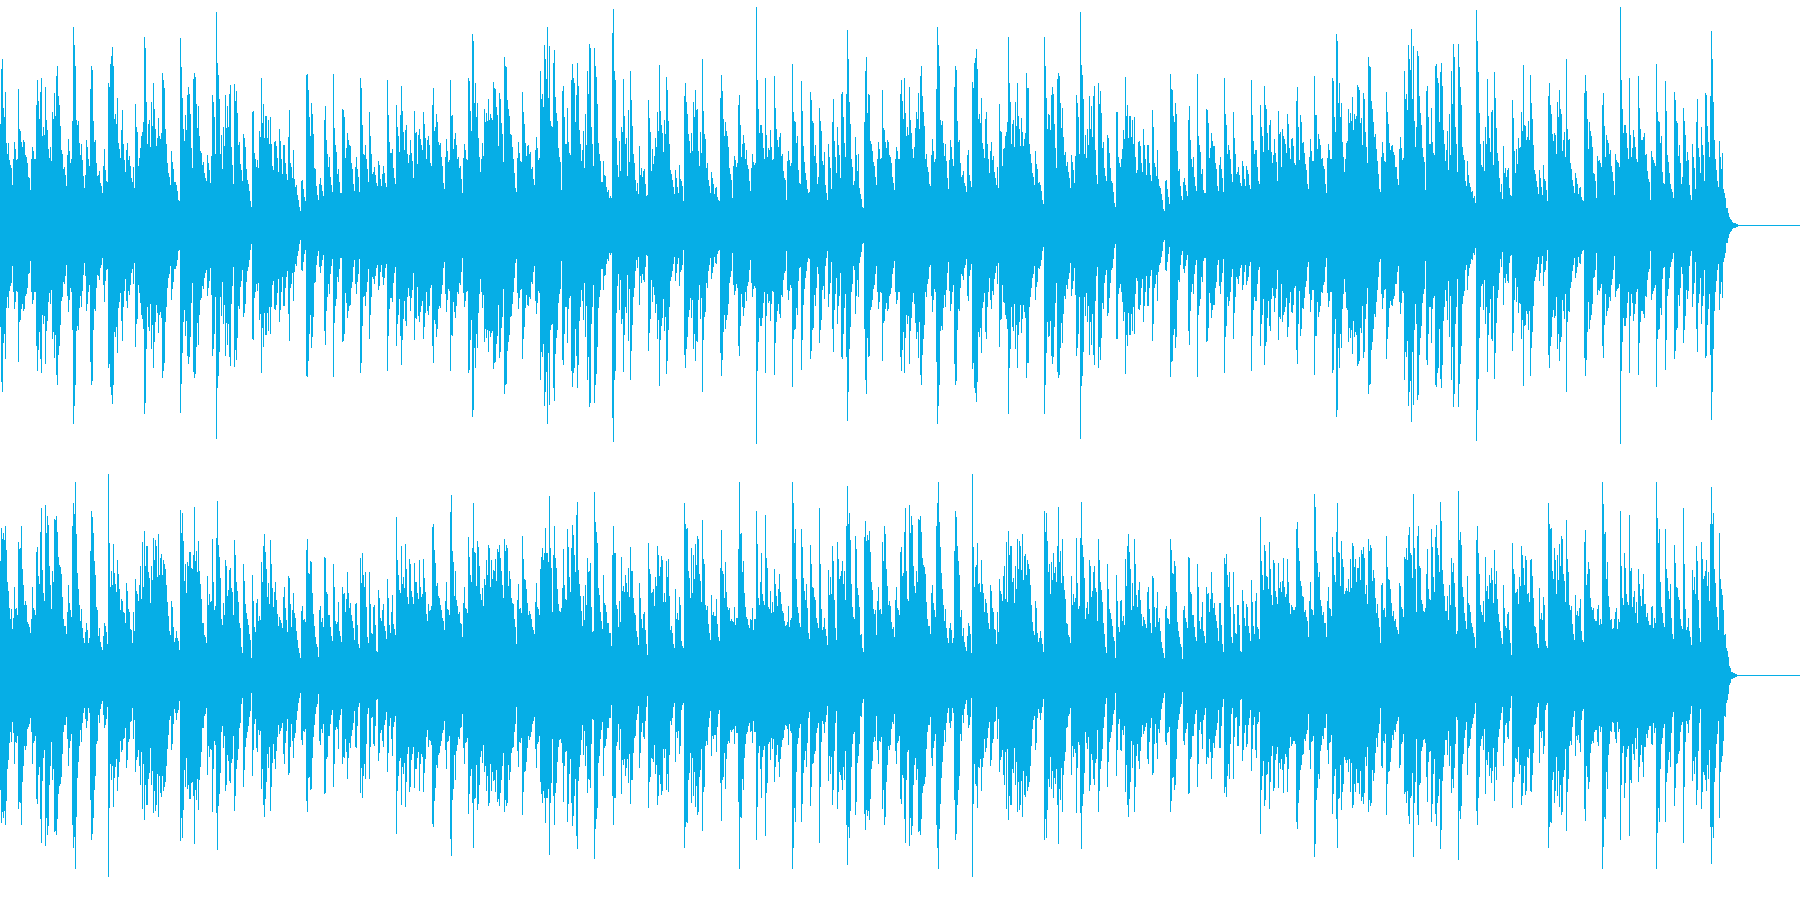 しんしんと降る雪のようなソロ・ピアノ曲の再生済みの波形